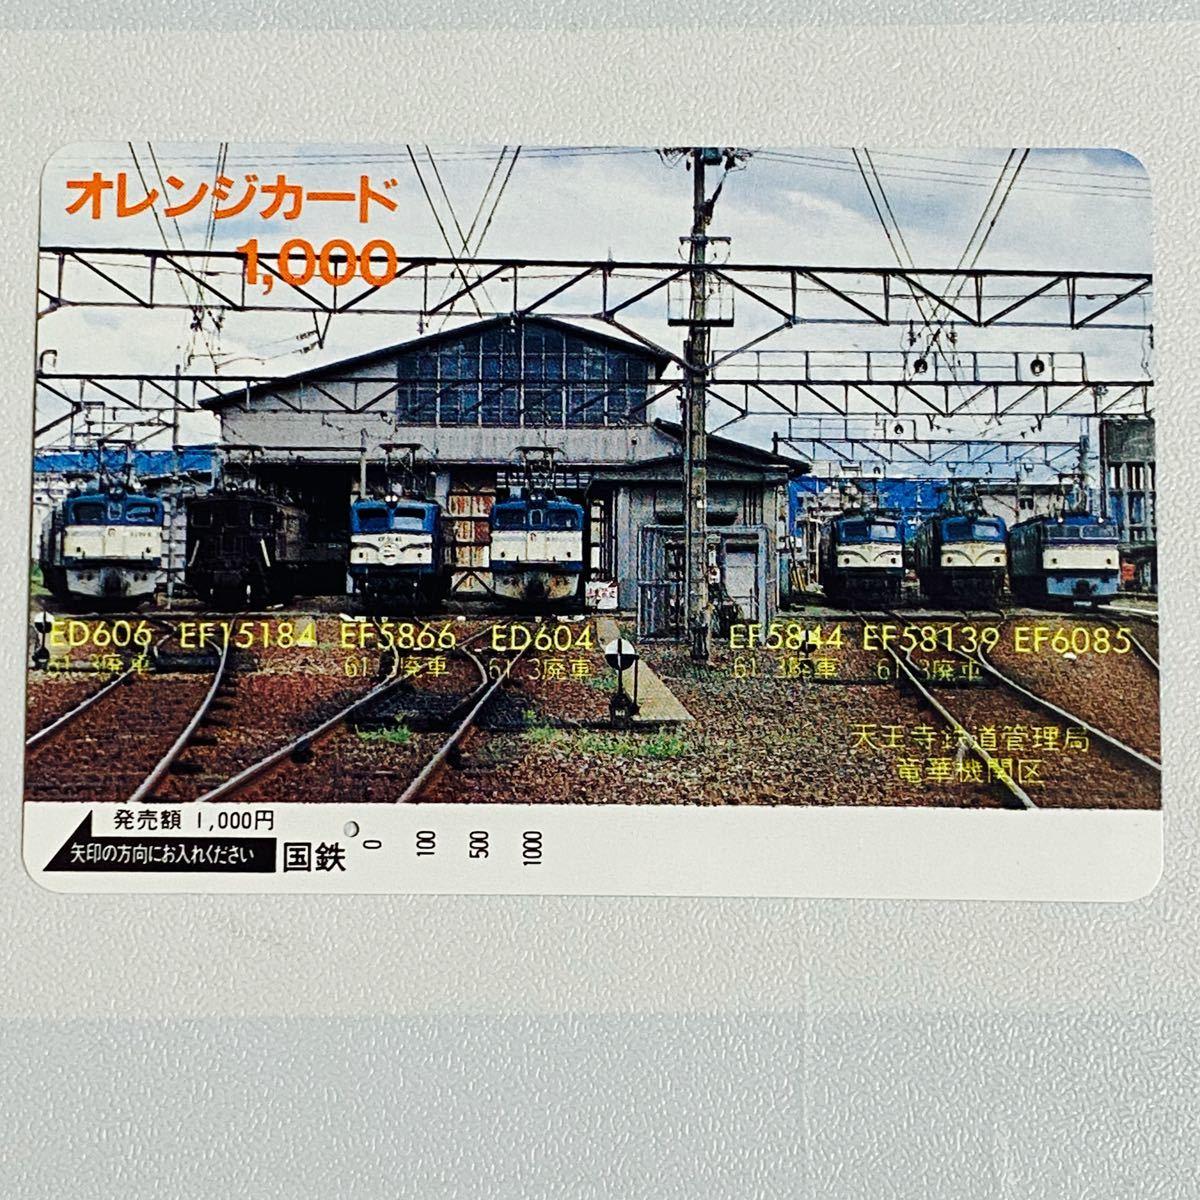 国鉄 使用済み オレンジカード 【激レア】